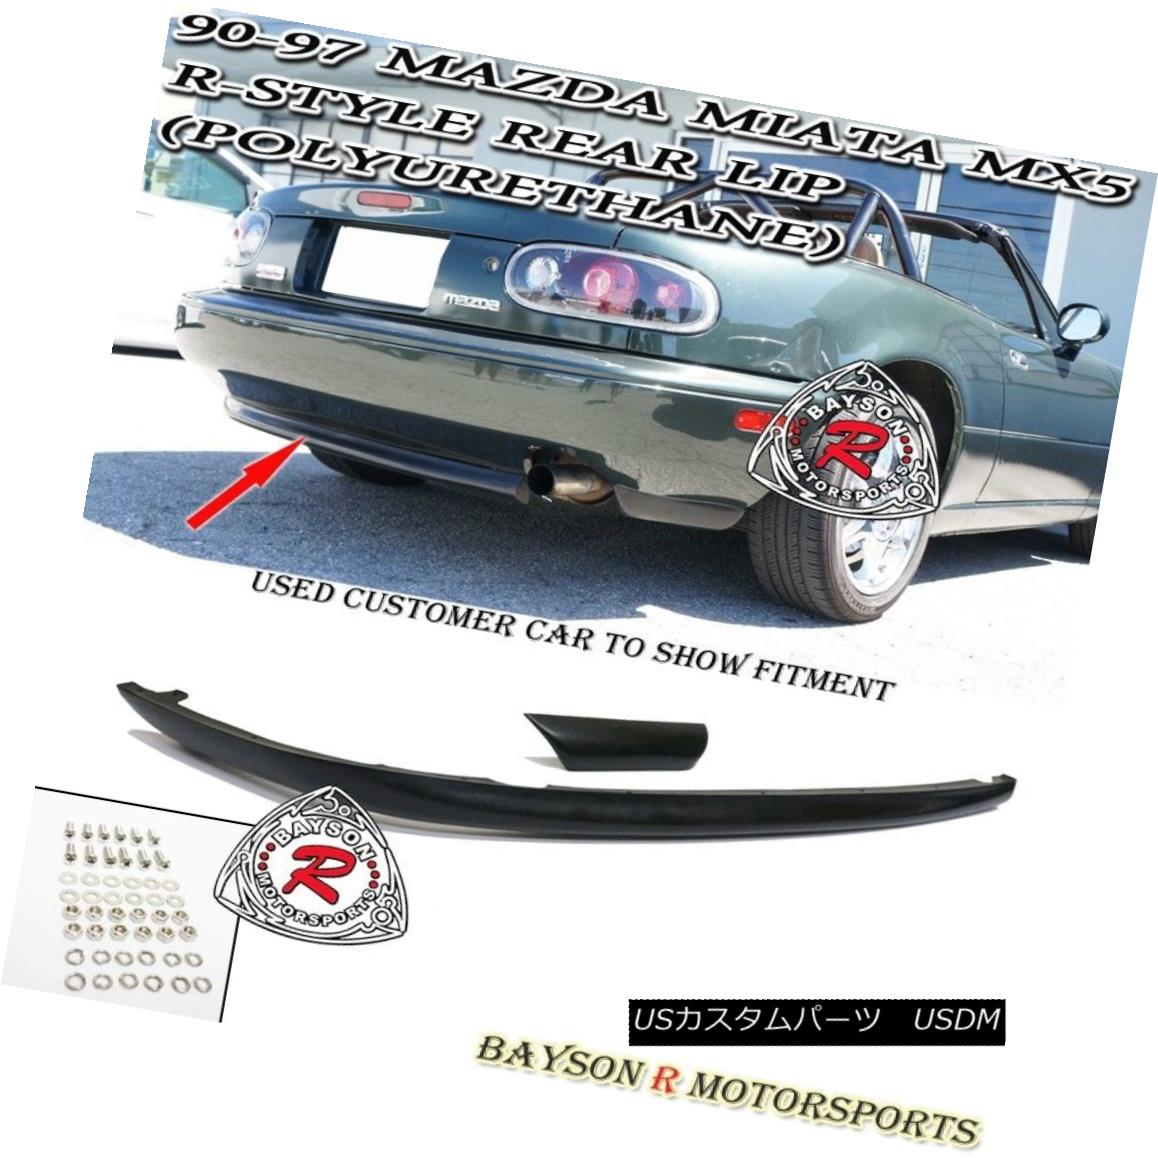 エアロパーツ R-Style Rear Lip (Urethane) Fits 90-97 Mazda Miata MX5 NA R-スタイルリアリップ(ウレタン)90-97 Mazda Miata MX5 NA